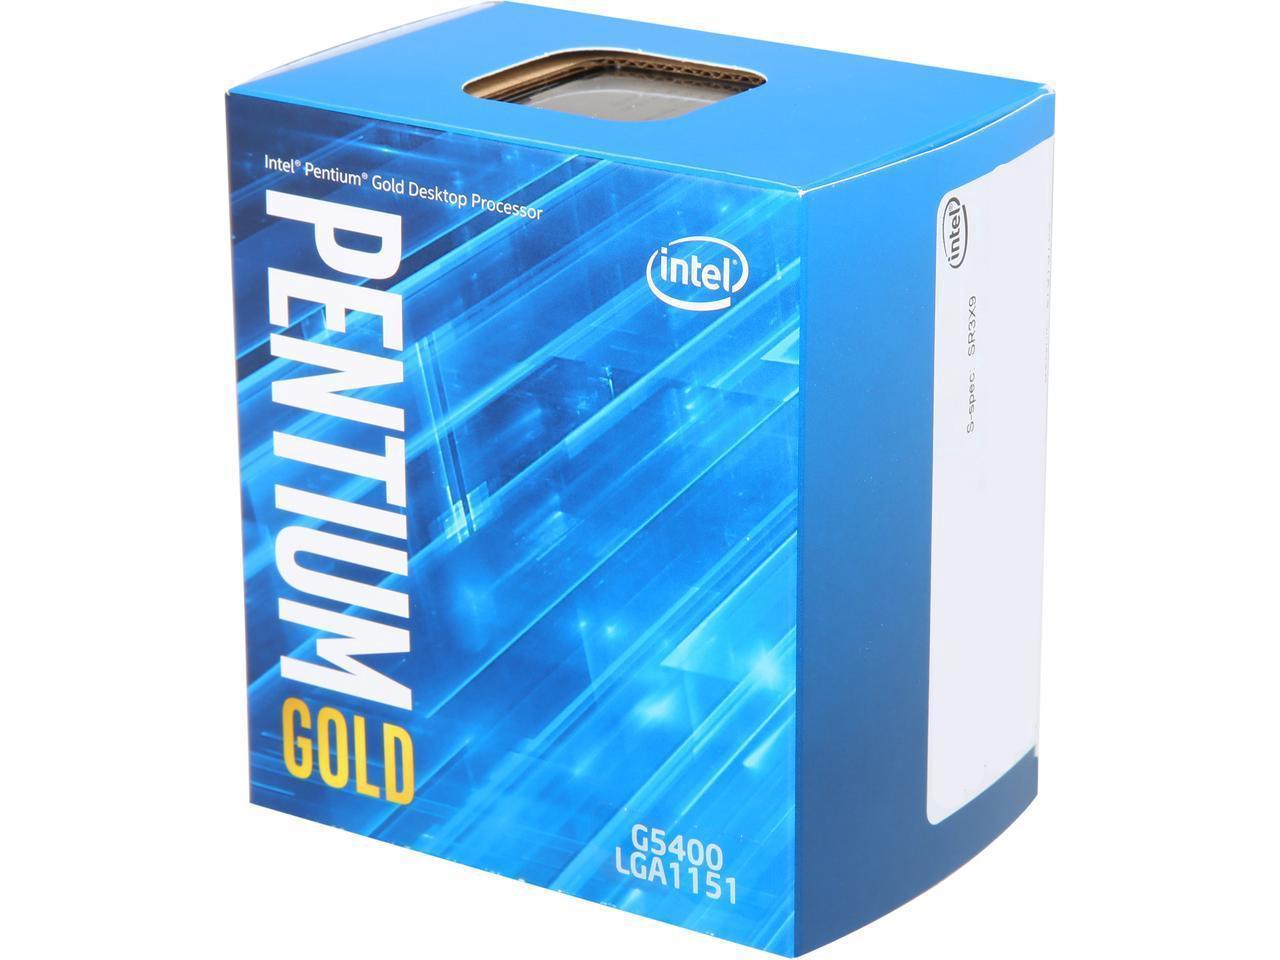 Процесор Intel Pentium Gold G5400 Coffee Lake  3.7GHz, 4MB, 58W LGA1151, Box